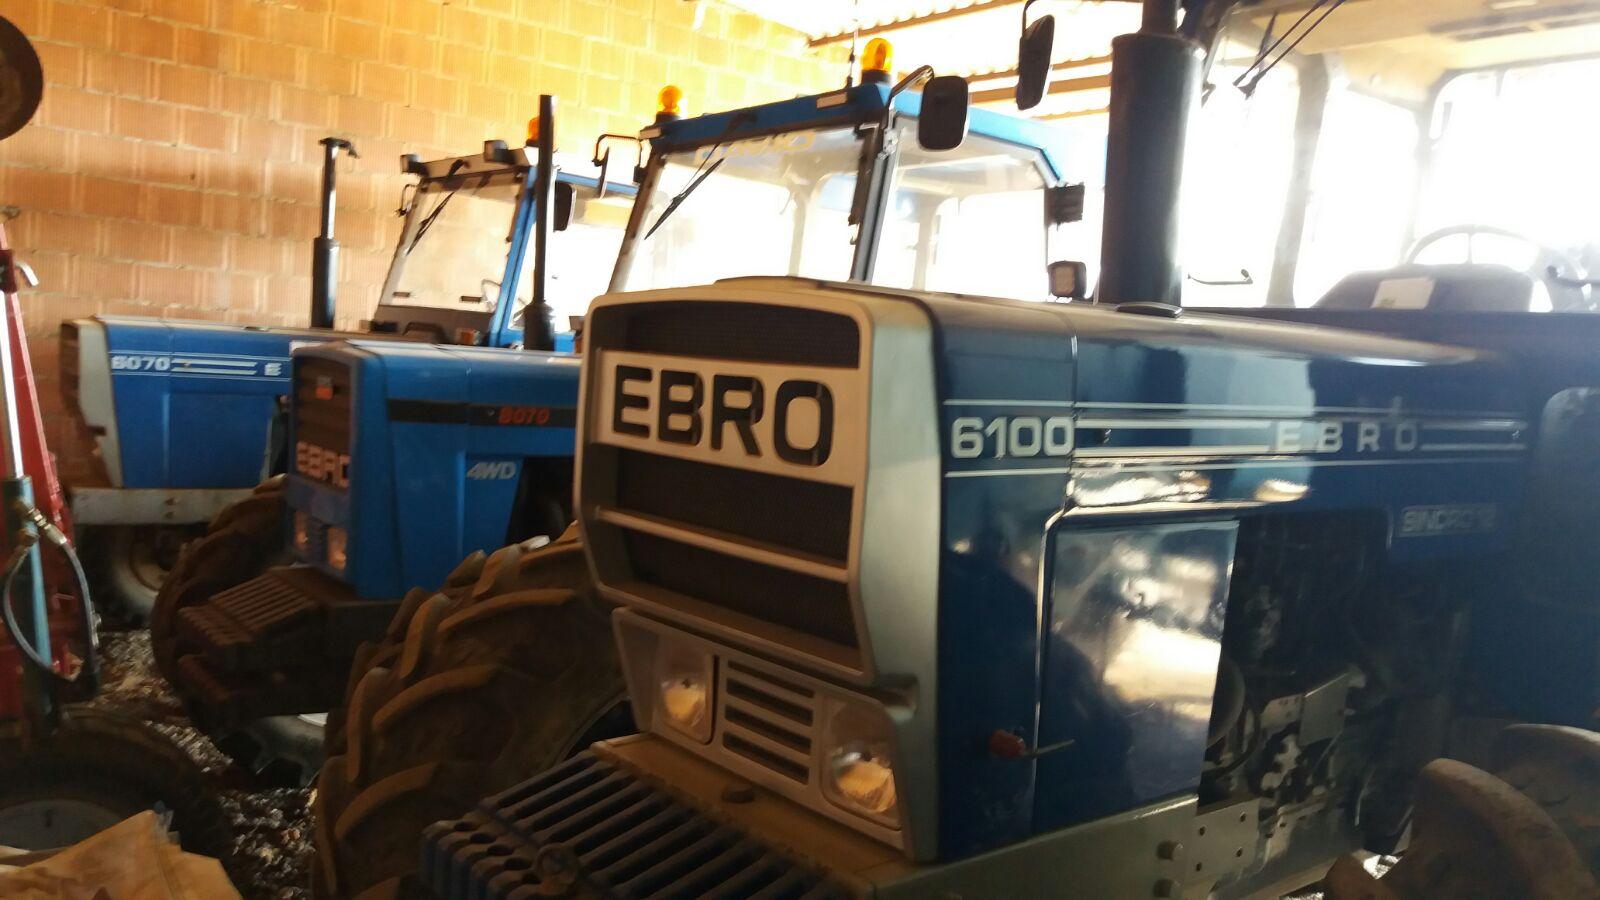 Ebro6100l-55